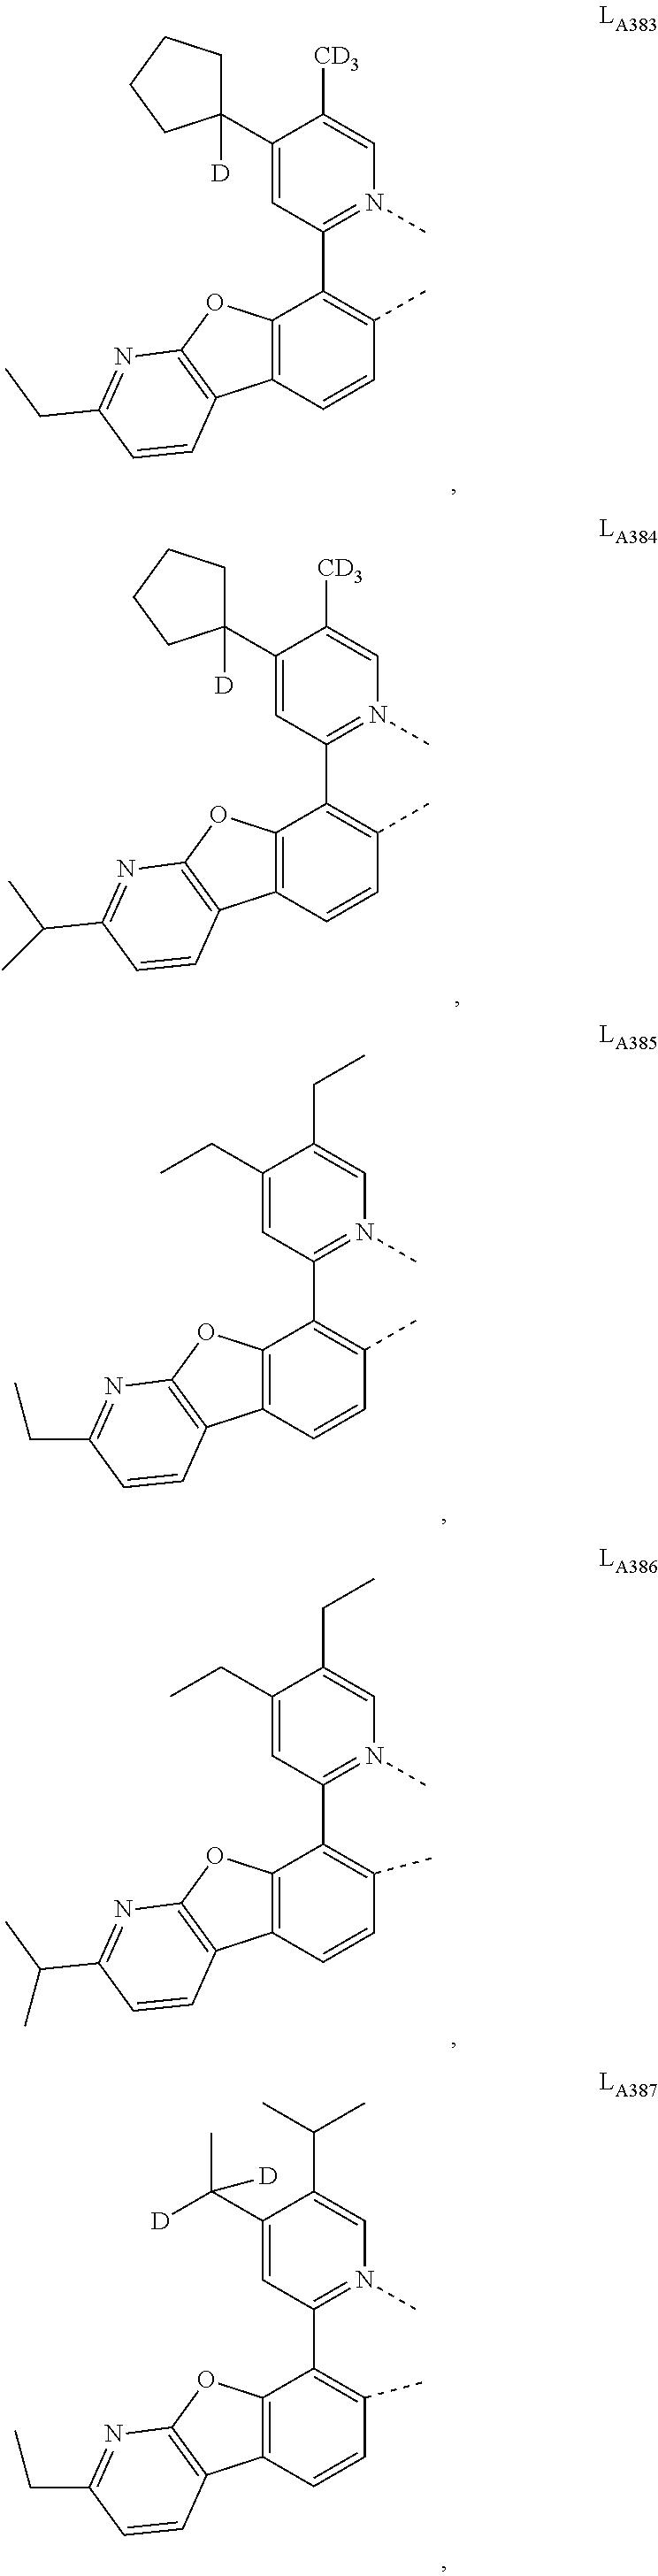 Figure US20160049599A1-20160218-C00483